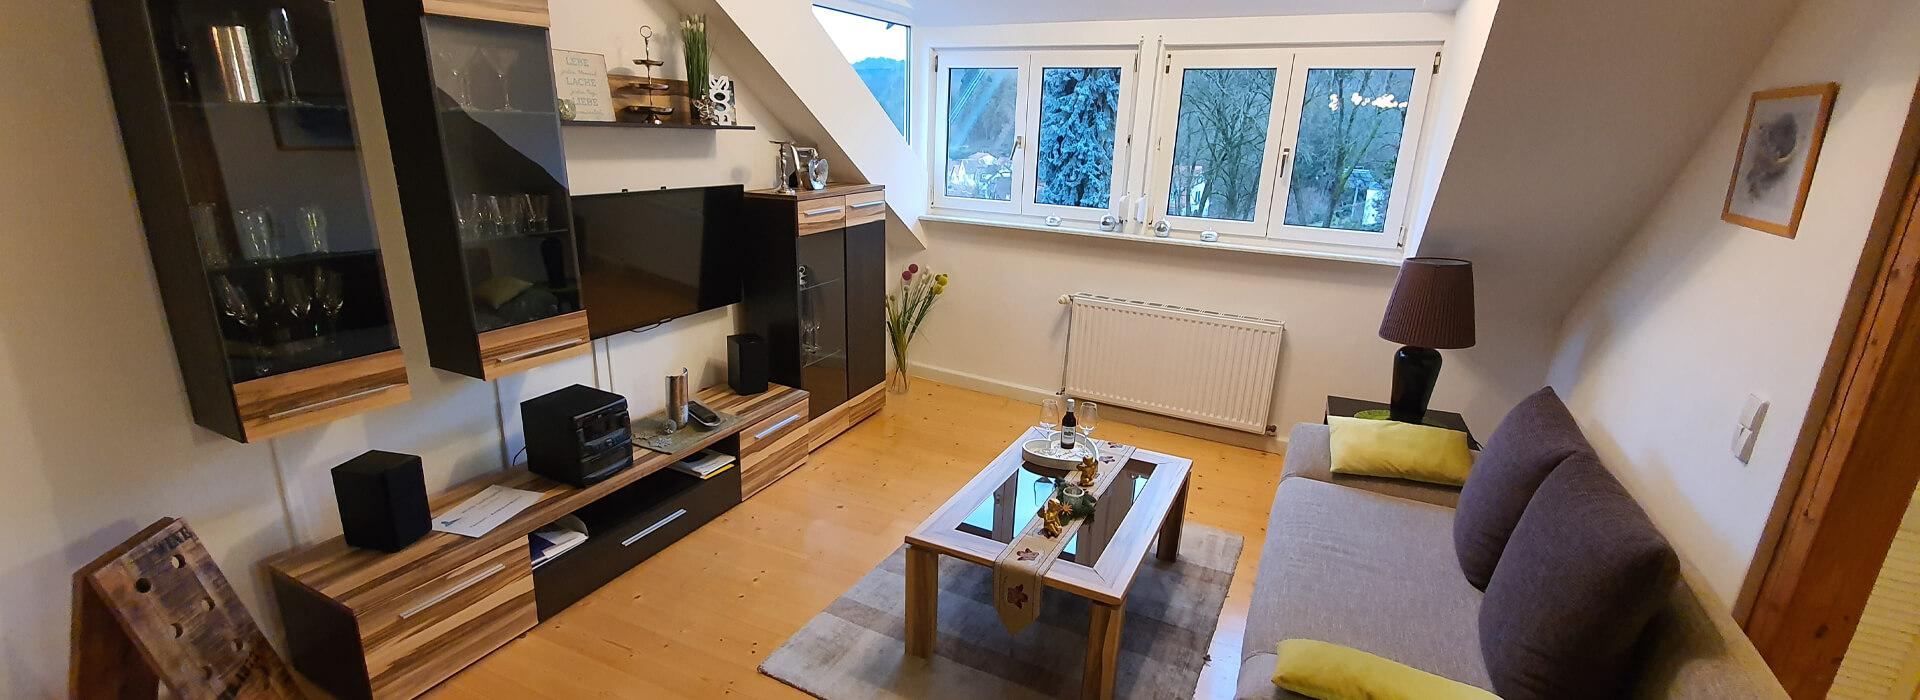 dg-wohnzimmer-fewoamblauenhut